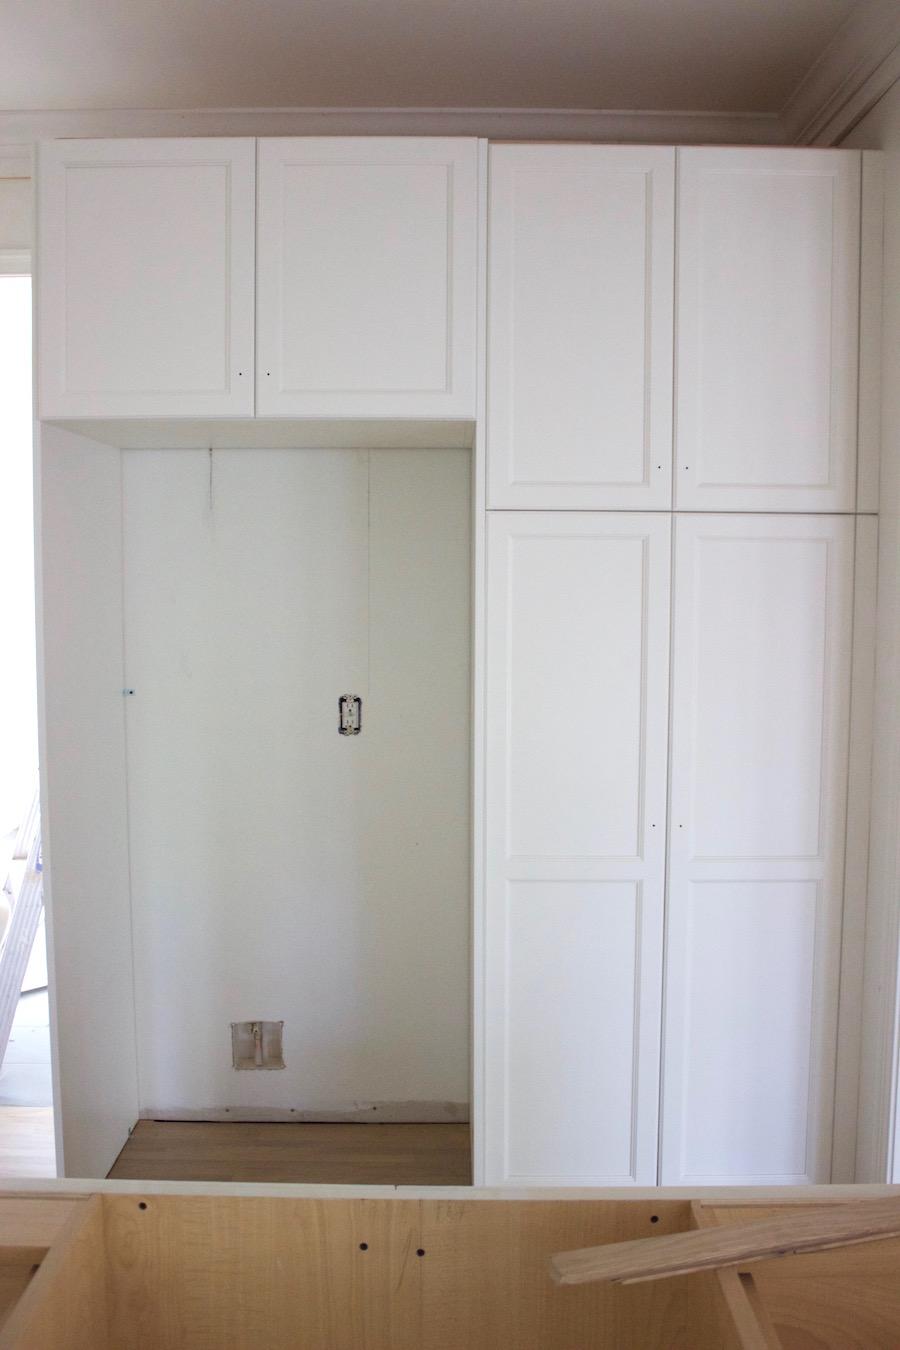 bluedoorliving-renovation-kitchen-progress-7.jpg